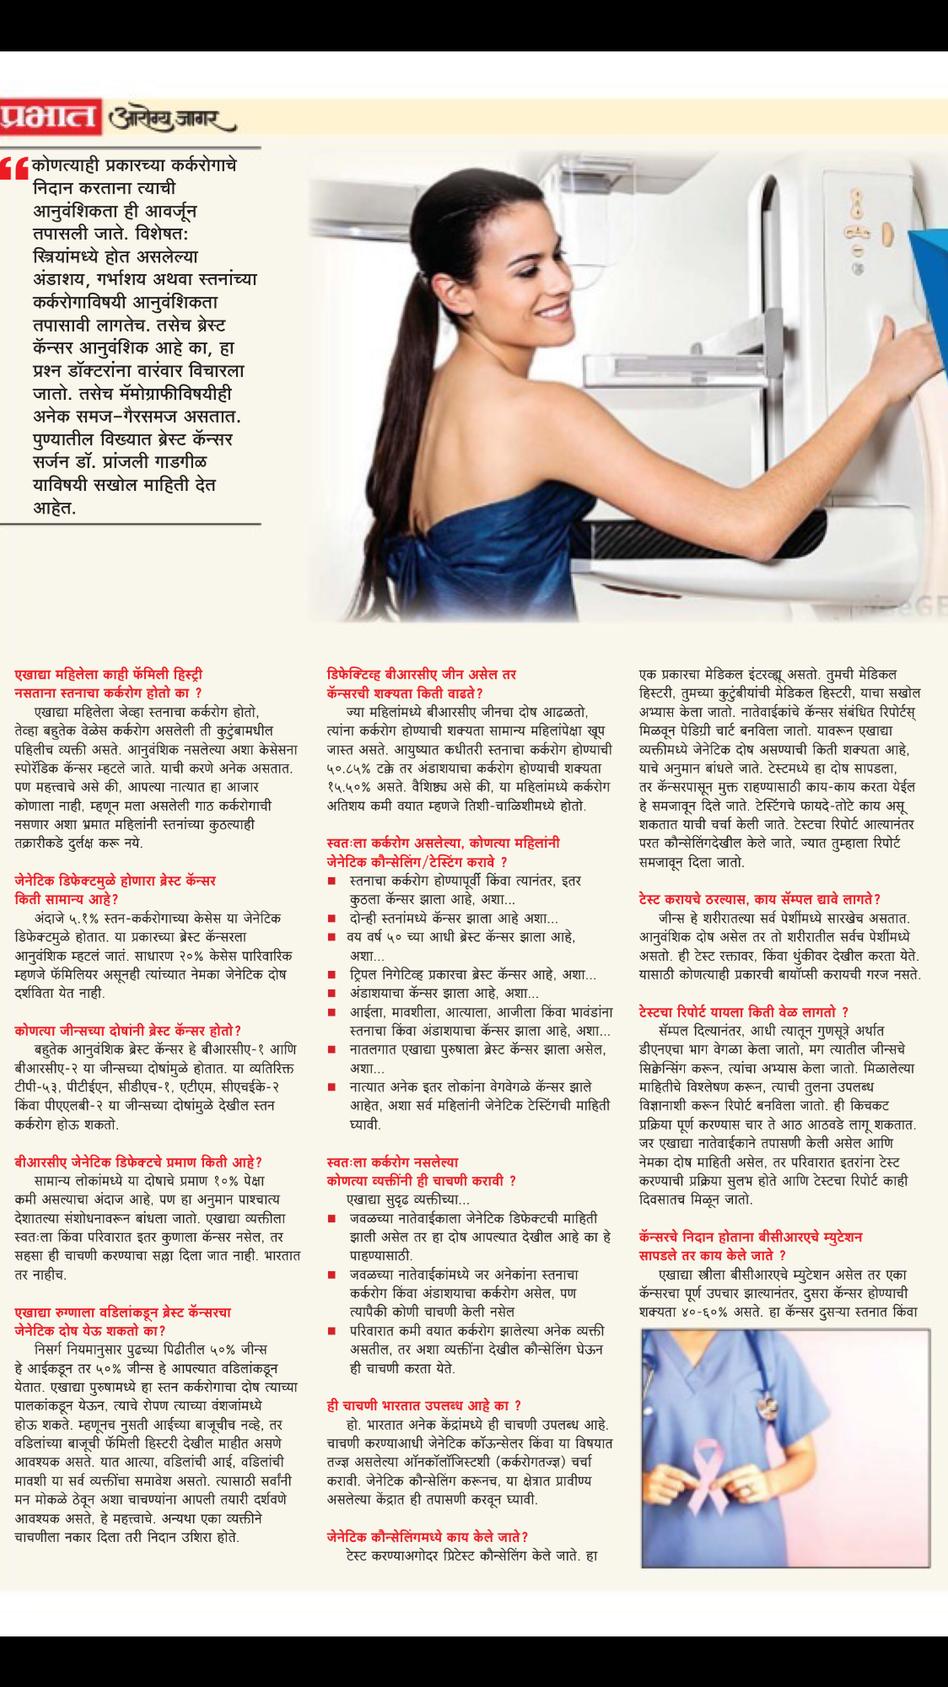 Dr Pranjali Gadgil's article on Mammography inMarathi